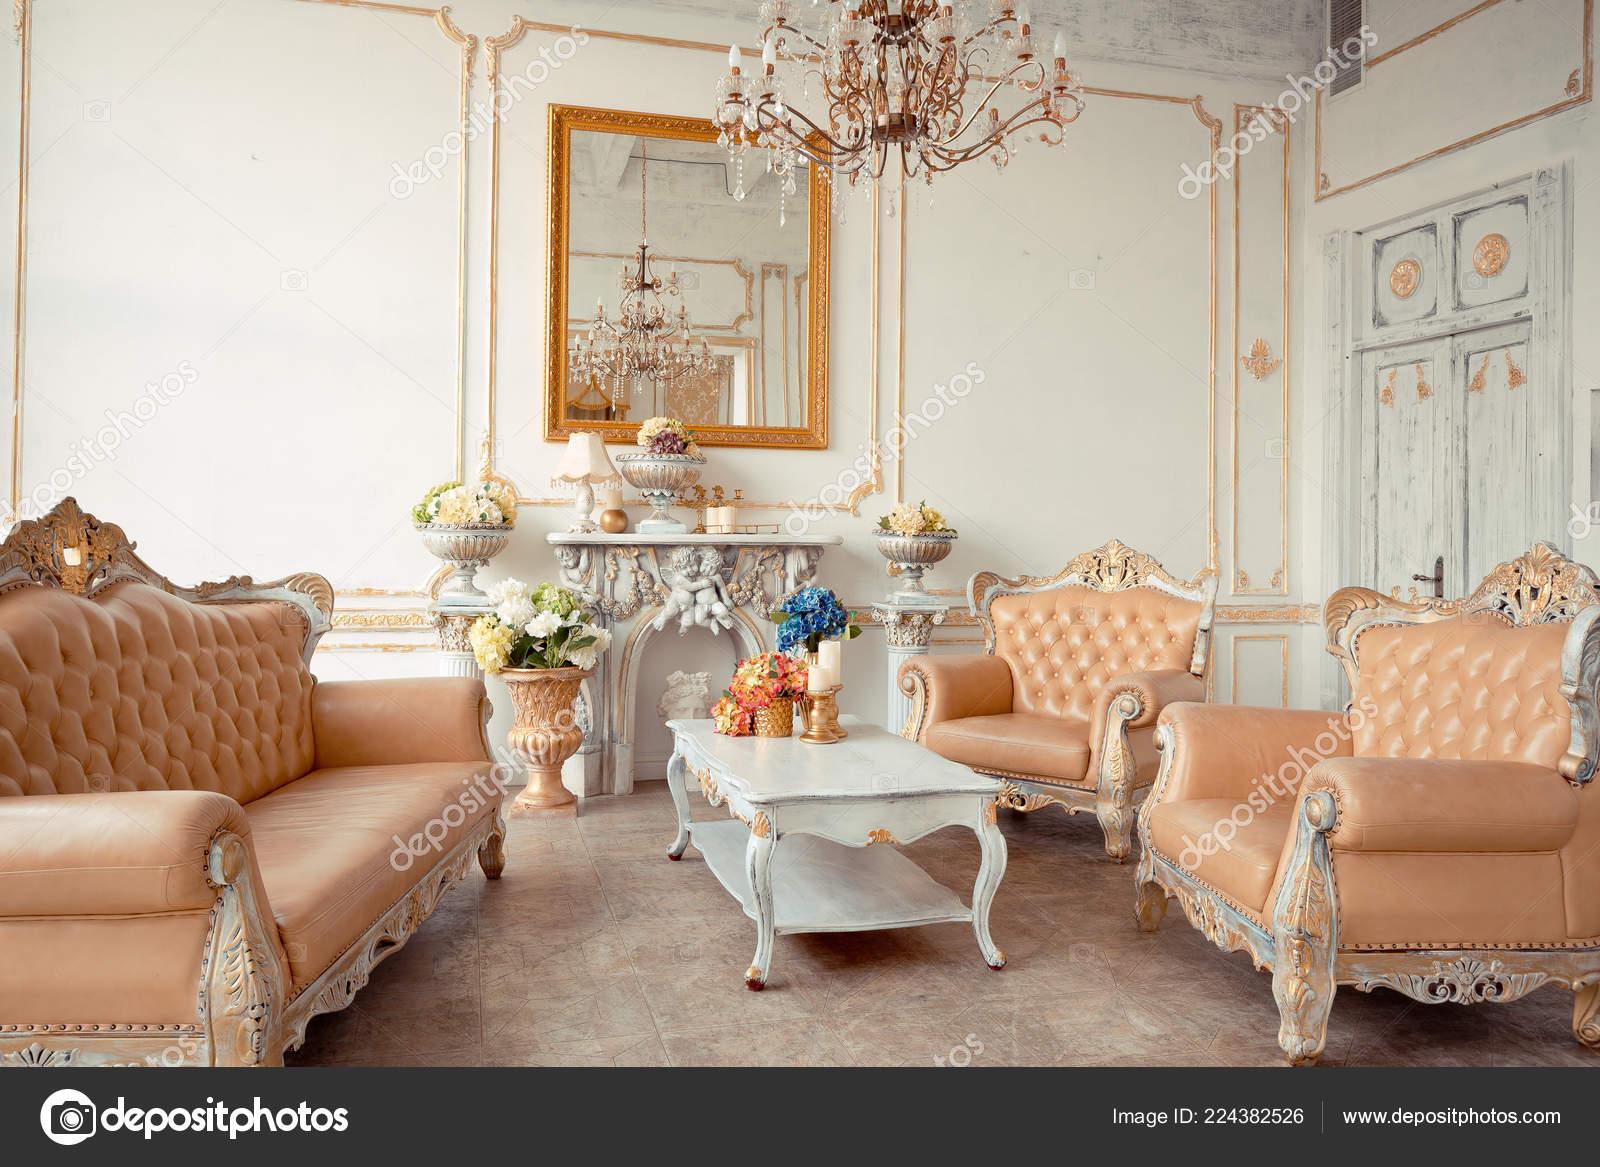 Luxury Rich Interior Design Elegant Vintage Furniture Pastel Colors ...